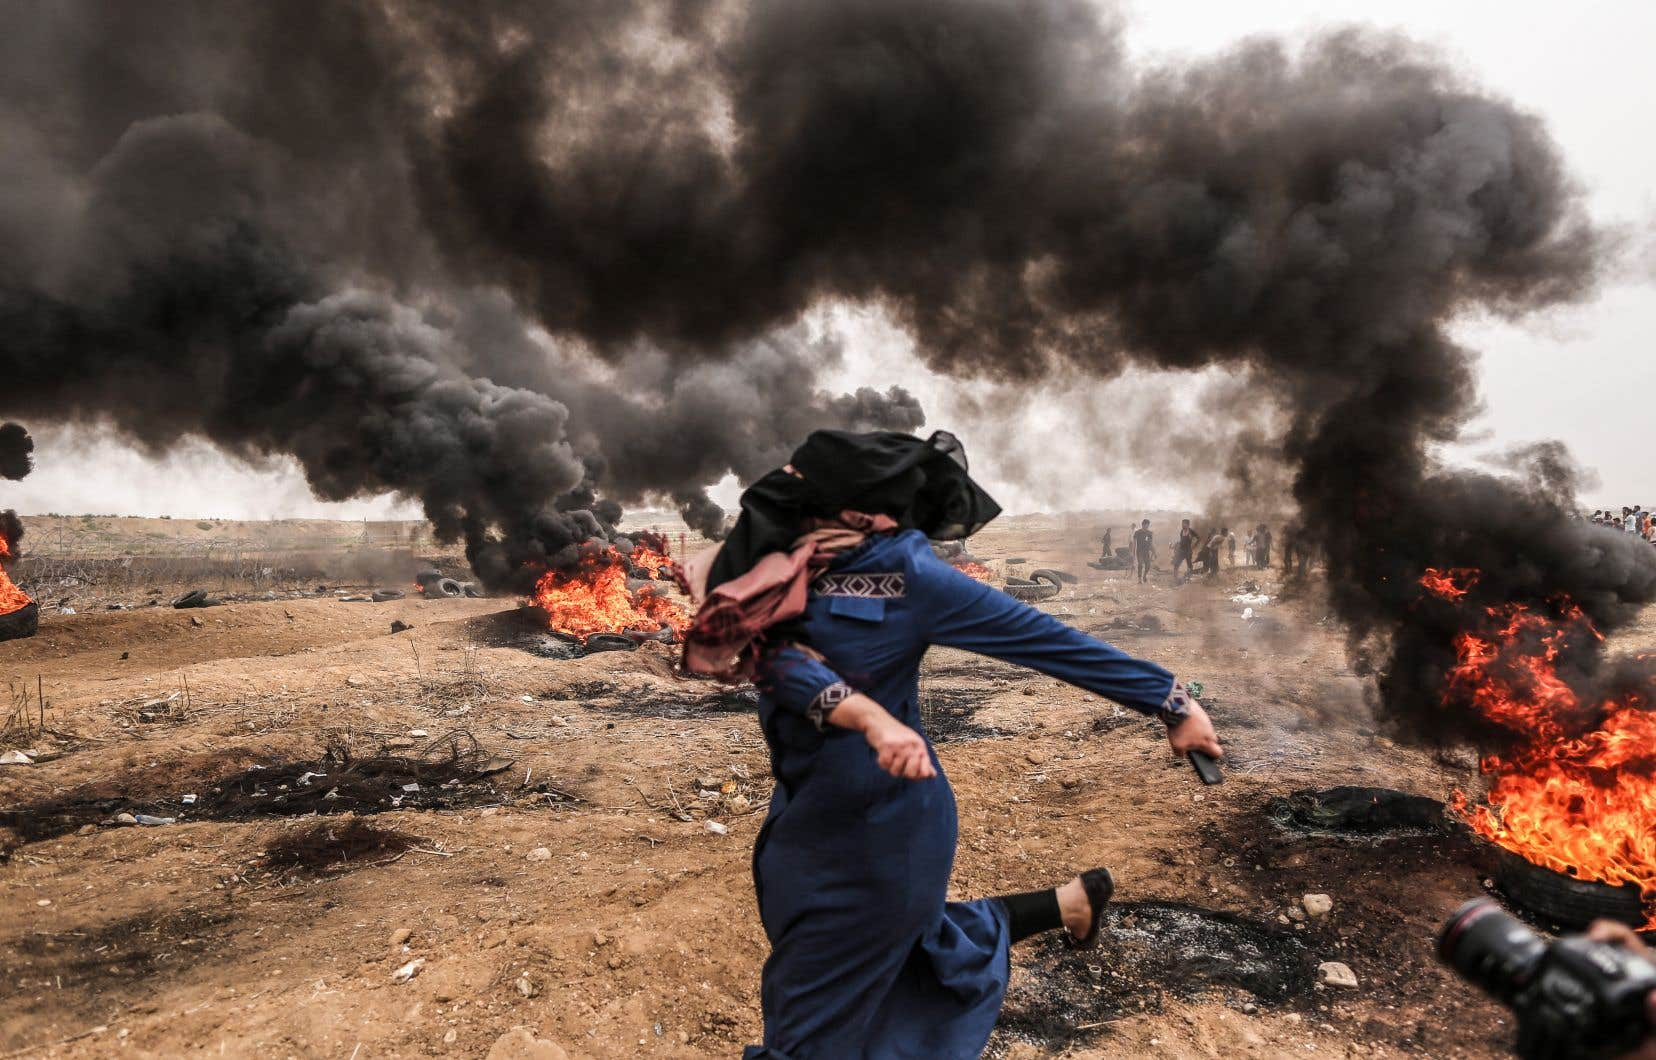 Une femme palestinienne a lancé des pierres en direction des soldats israéliens lors de heurts à la frontière entre Gaza et Israël, vendredi.